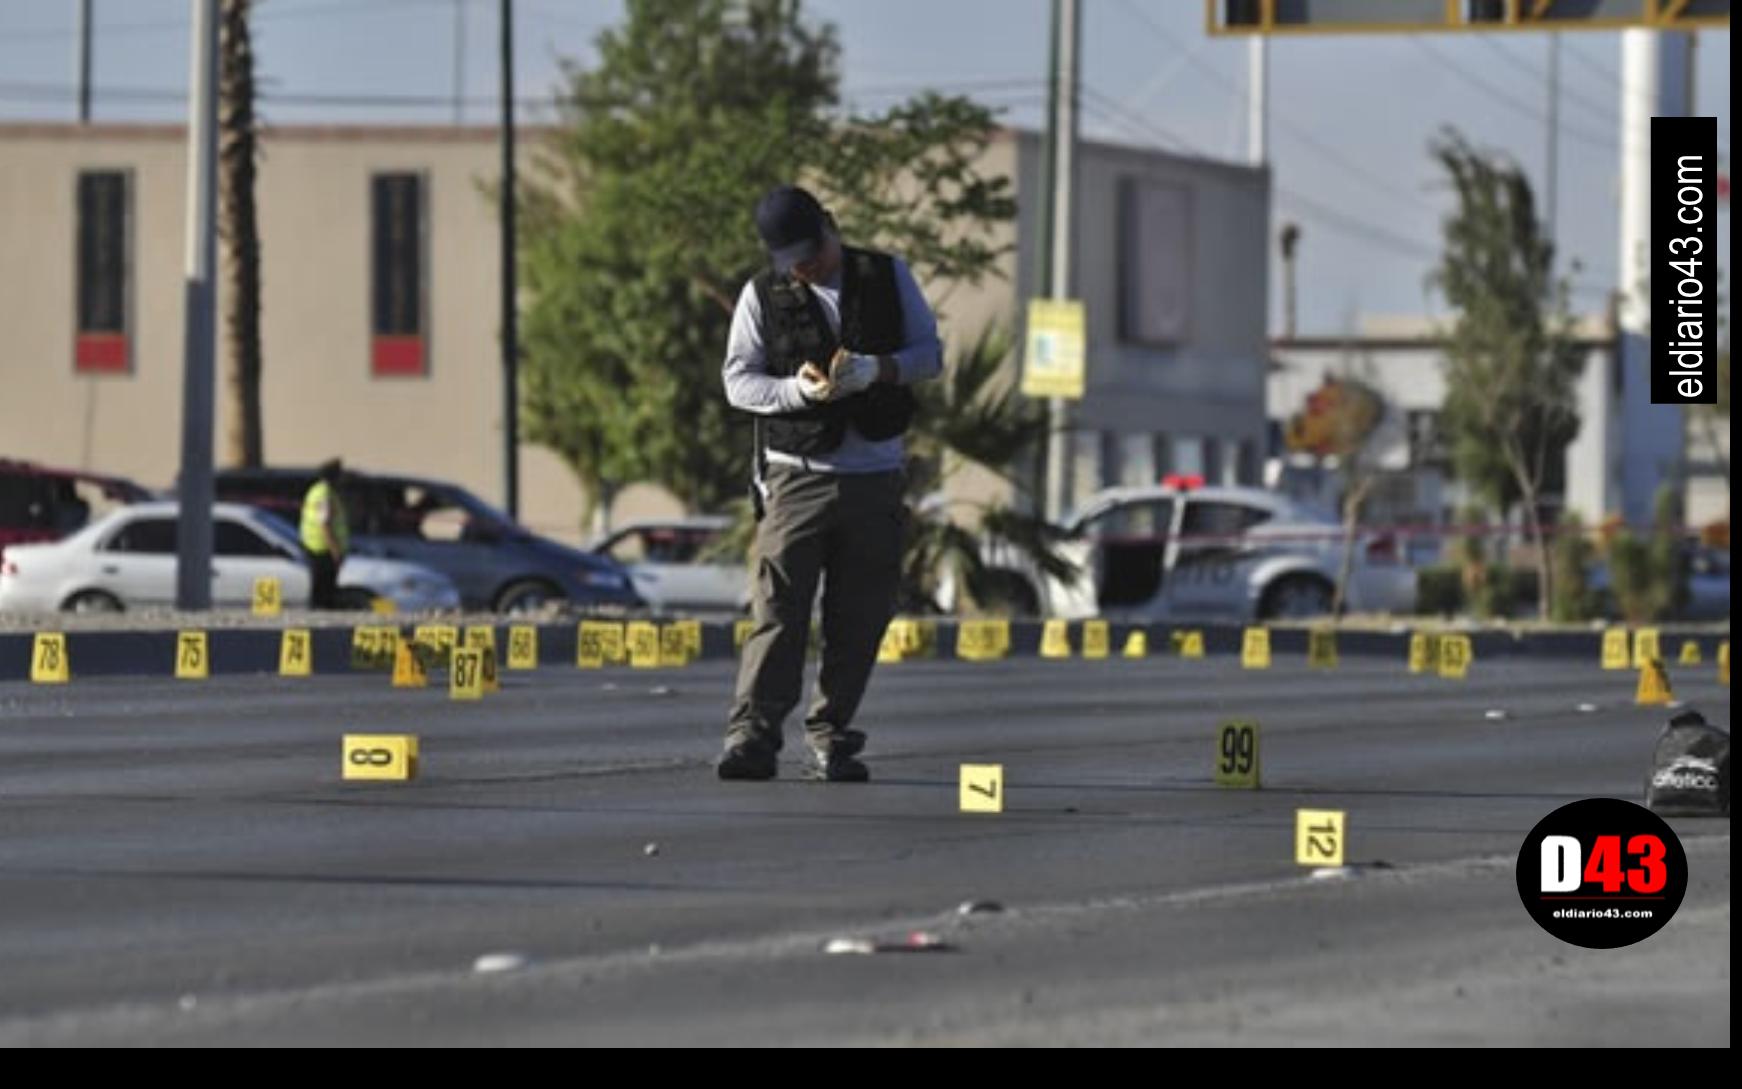 En México; 73.9 % considera inseguro vivir en su ciudad: INEGI